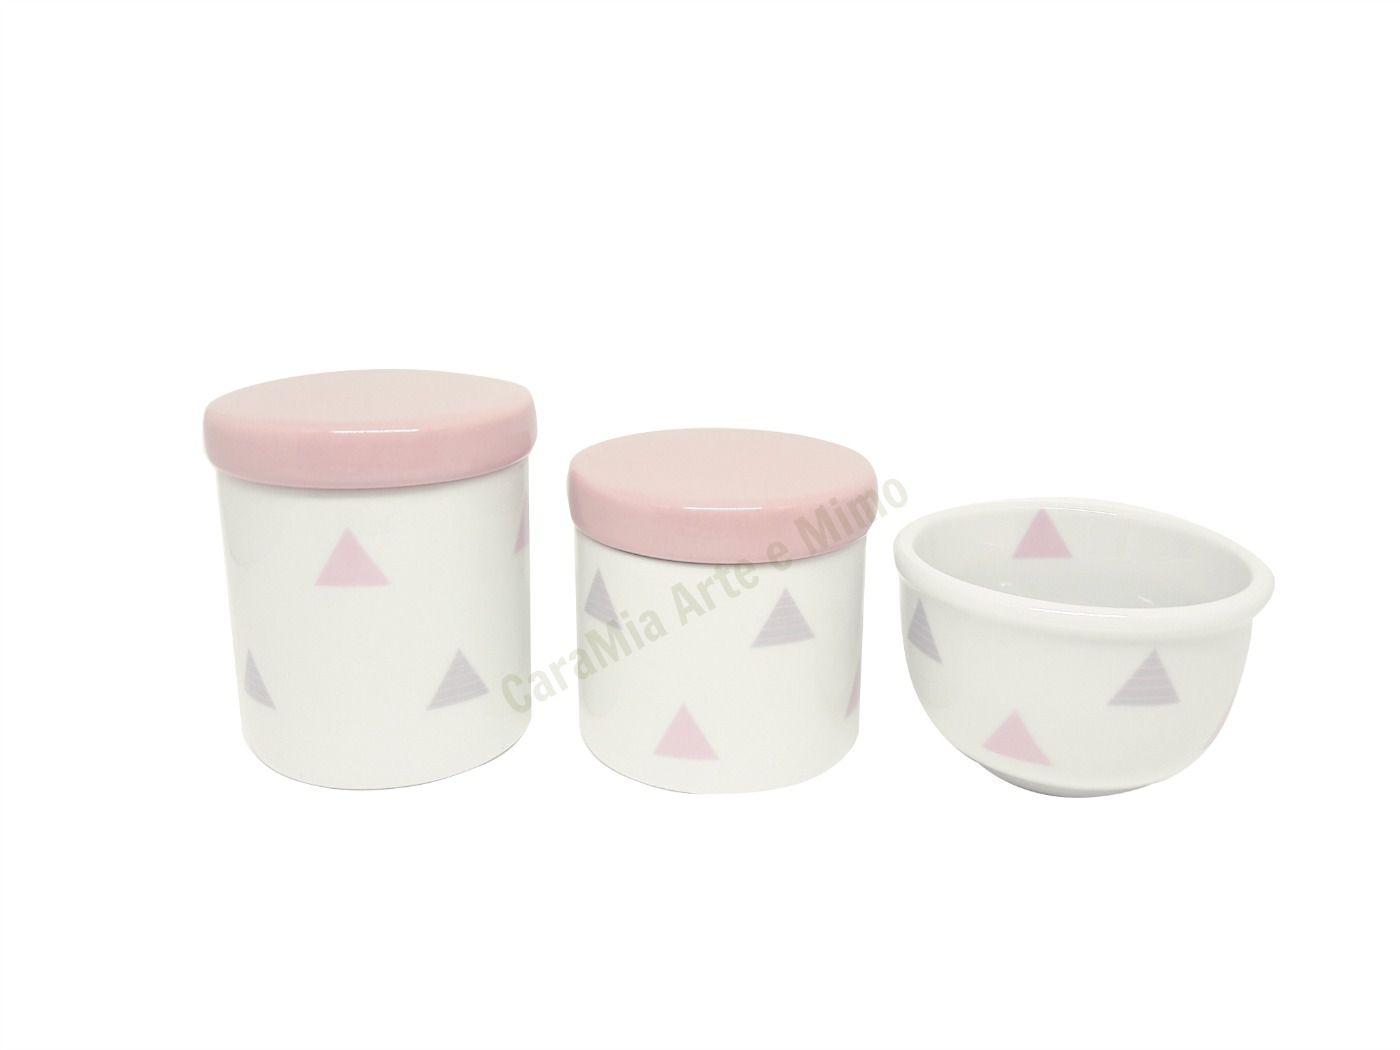 Kit Higiene Bebê Porcelana Bandeirinhas Rosas e Cinzas & Triângulos |Geométrico | Tampas Rosas